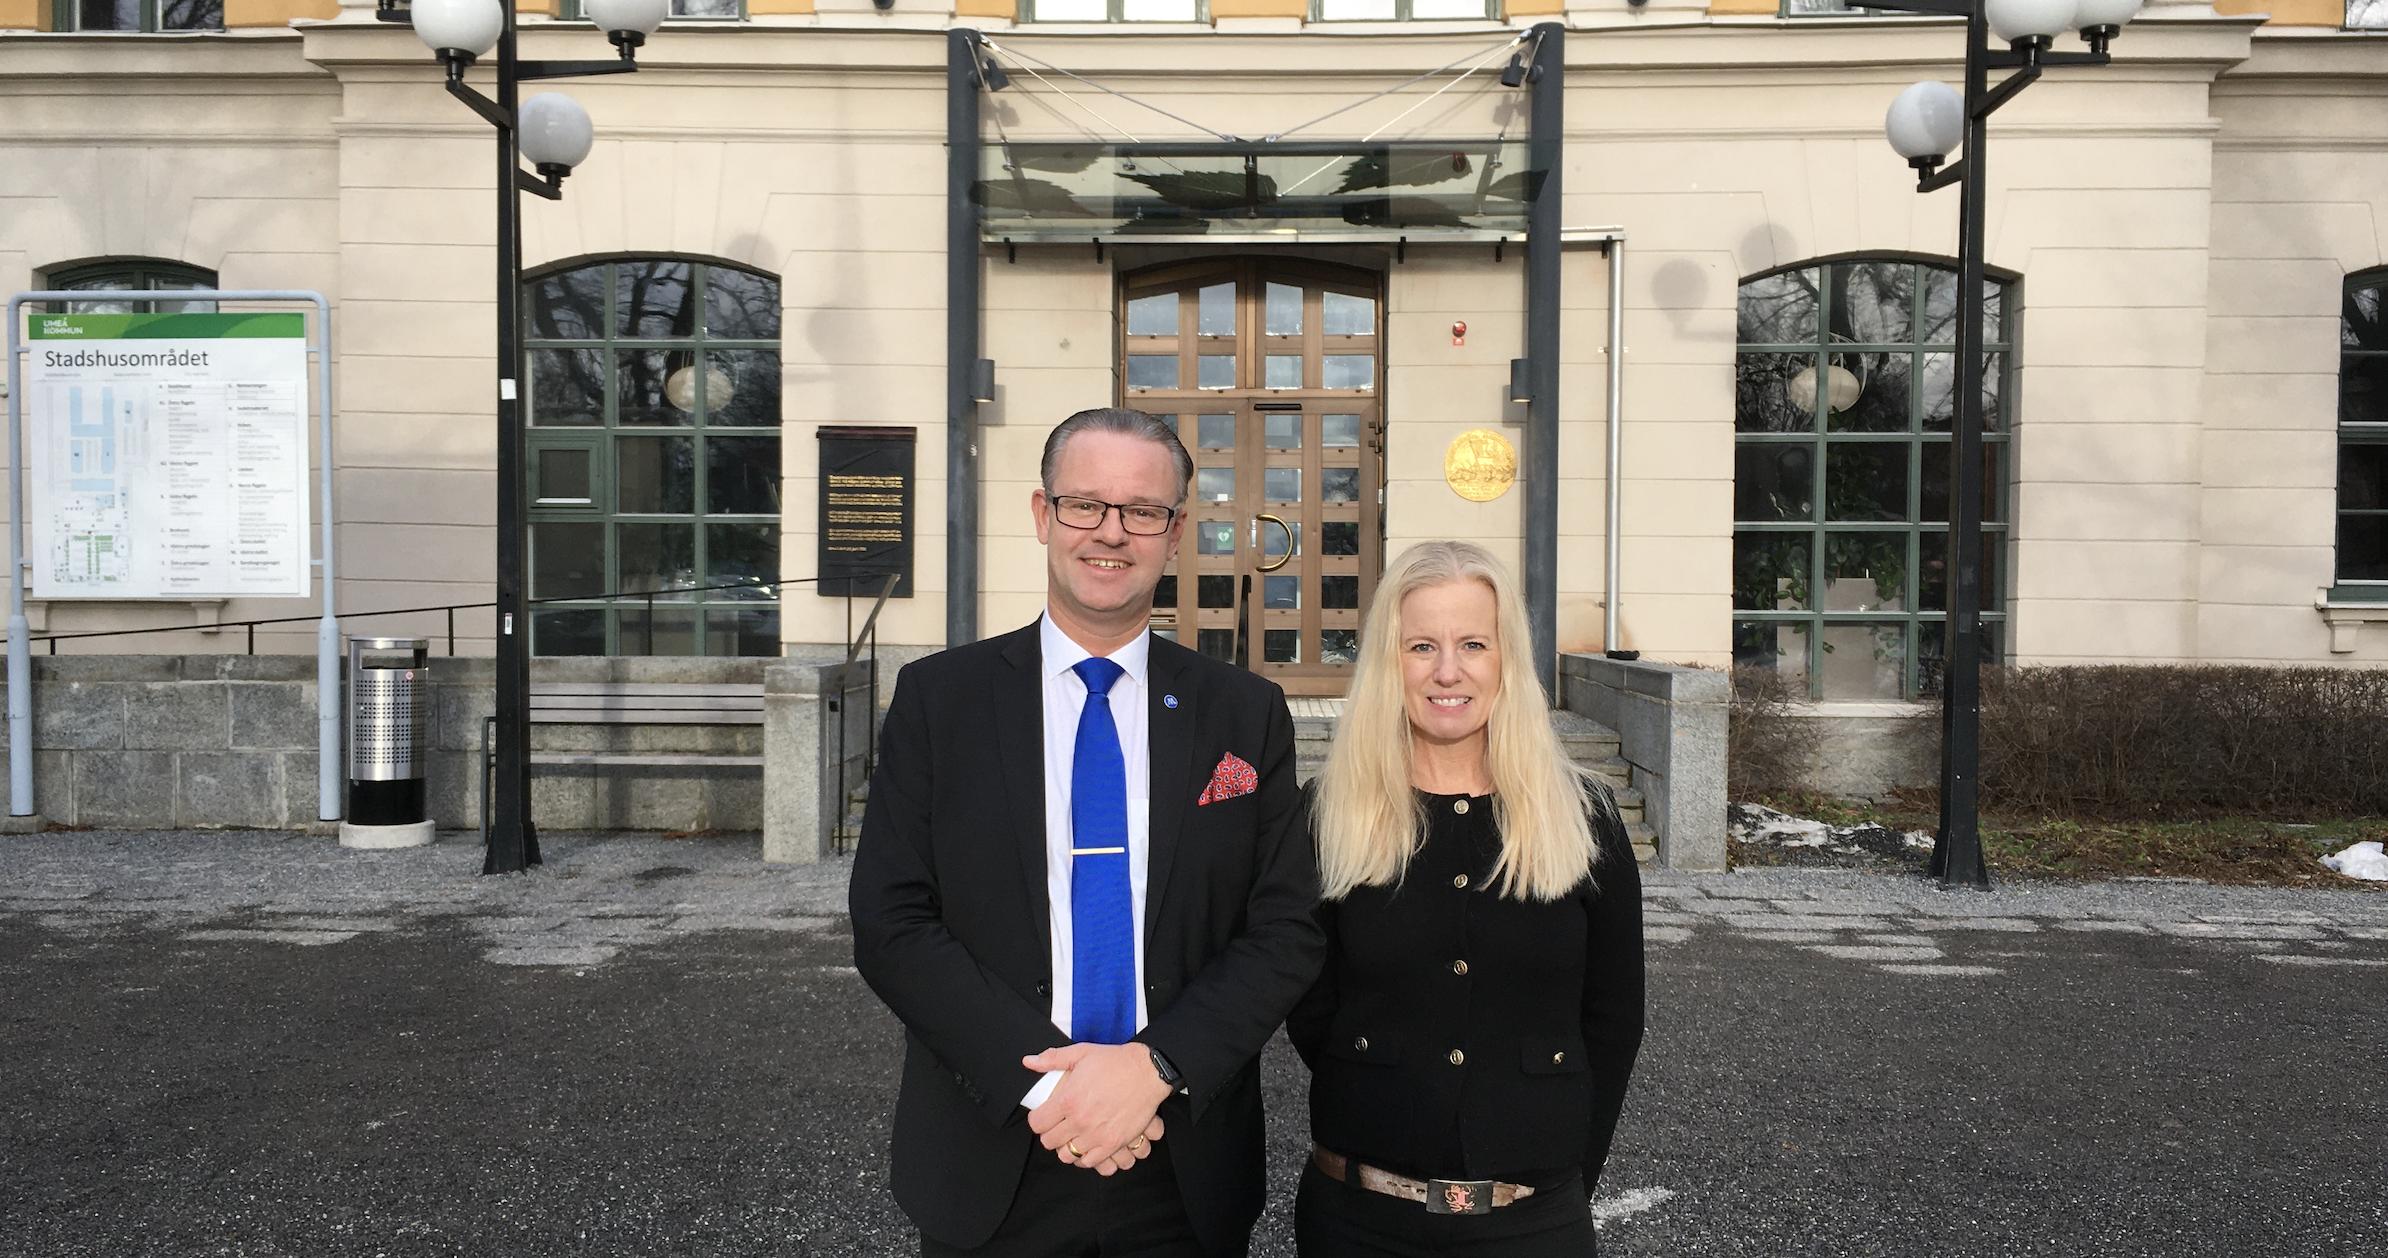 Tidigare MP-topp i Västerbotten blir medlem i Moderaterna